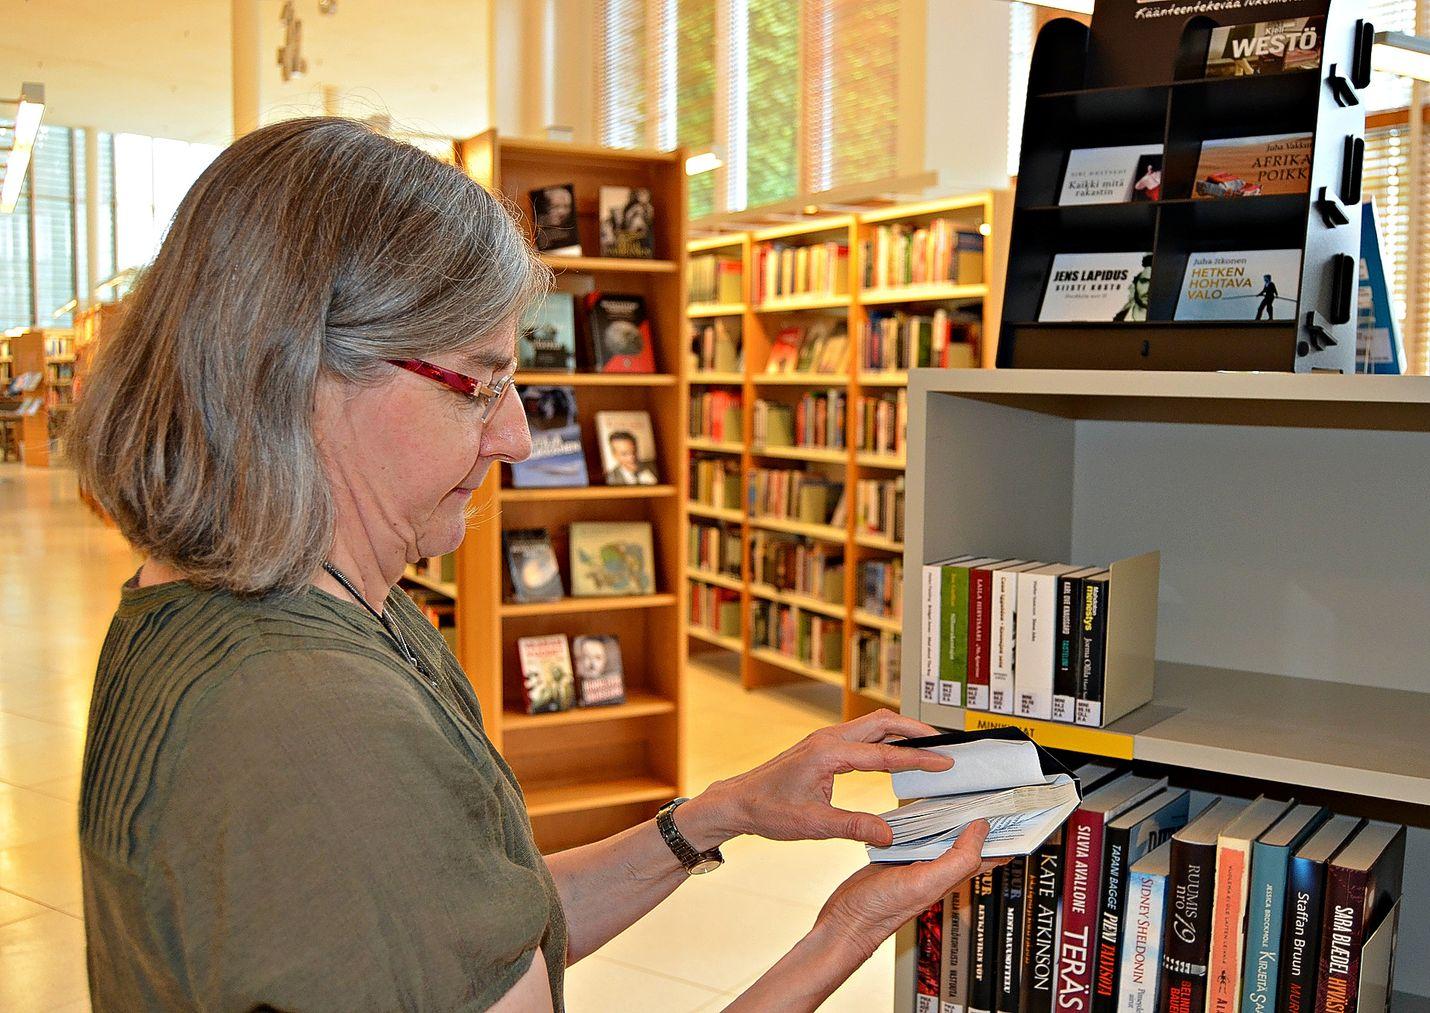 Kirjastossa riittää tekemistä sadesäälläkin